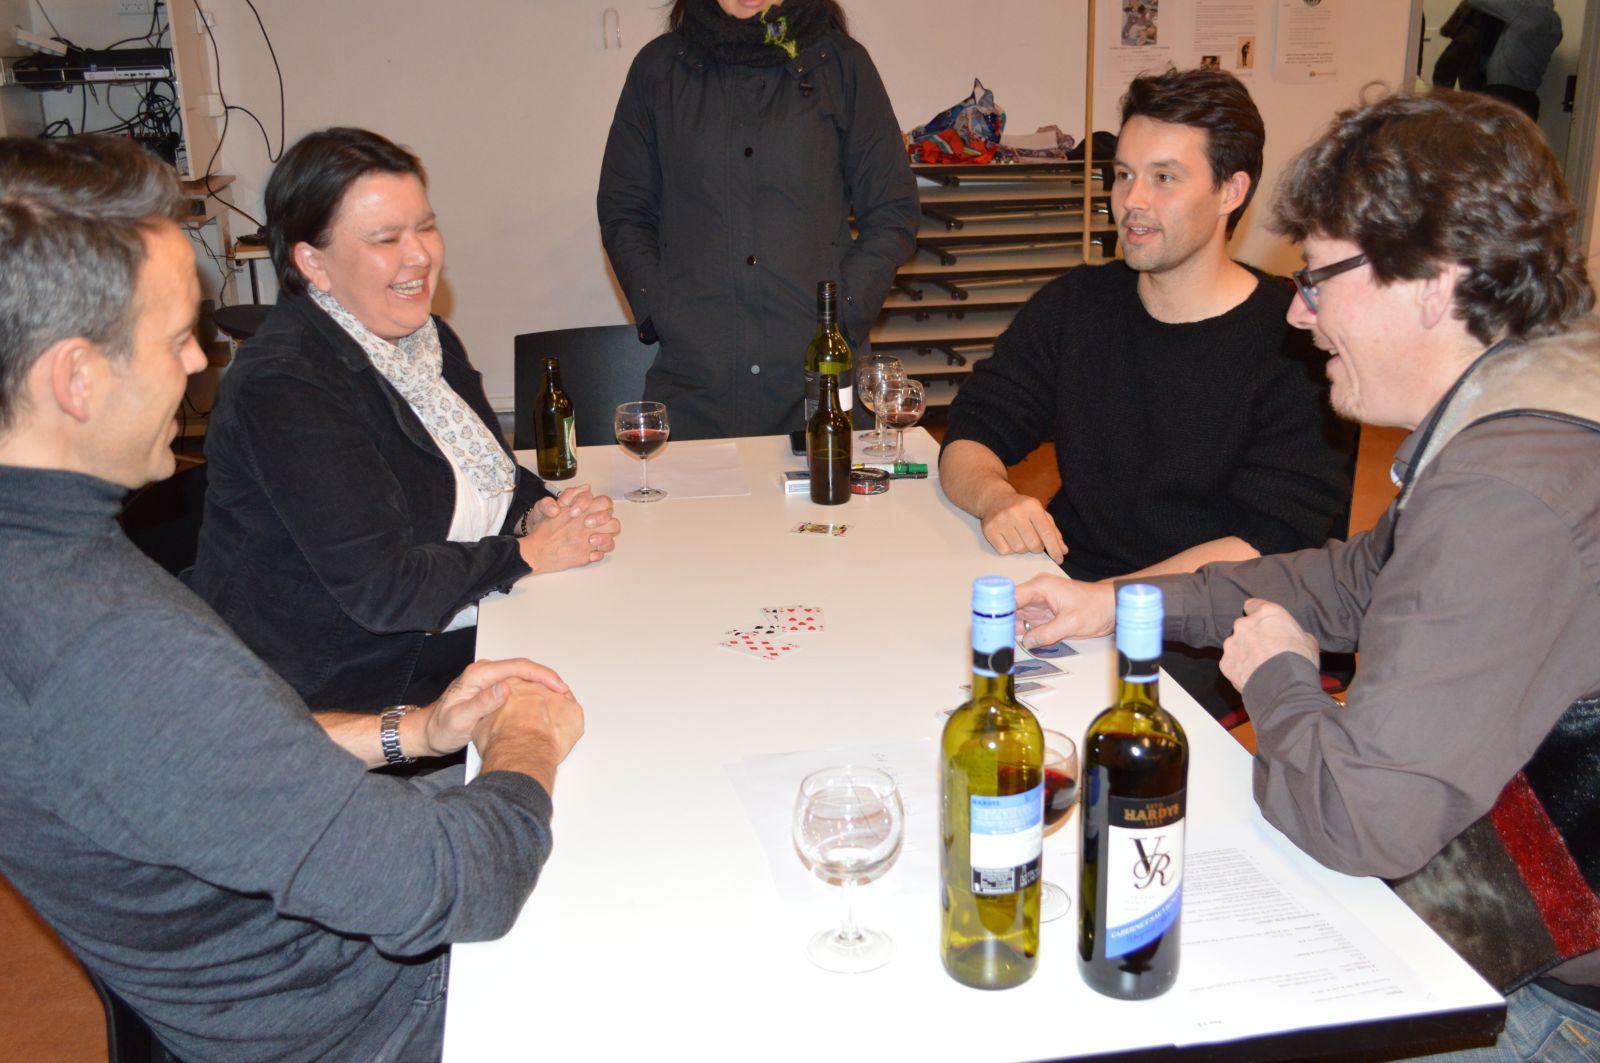 2017-11-04-0220_-_Anna Hessler Labansen; Masana Egede; Søren Labansen_2